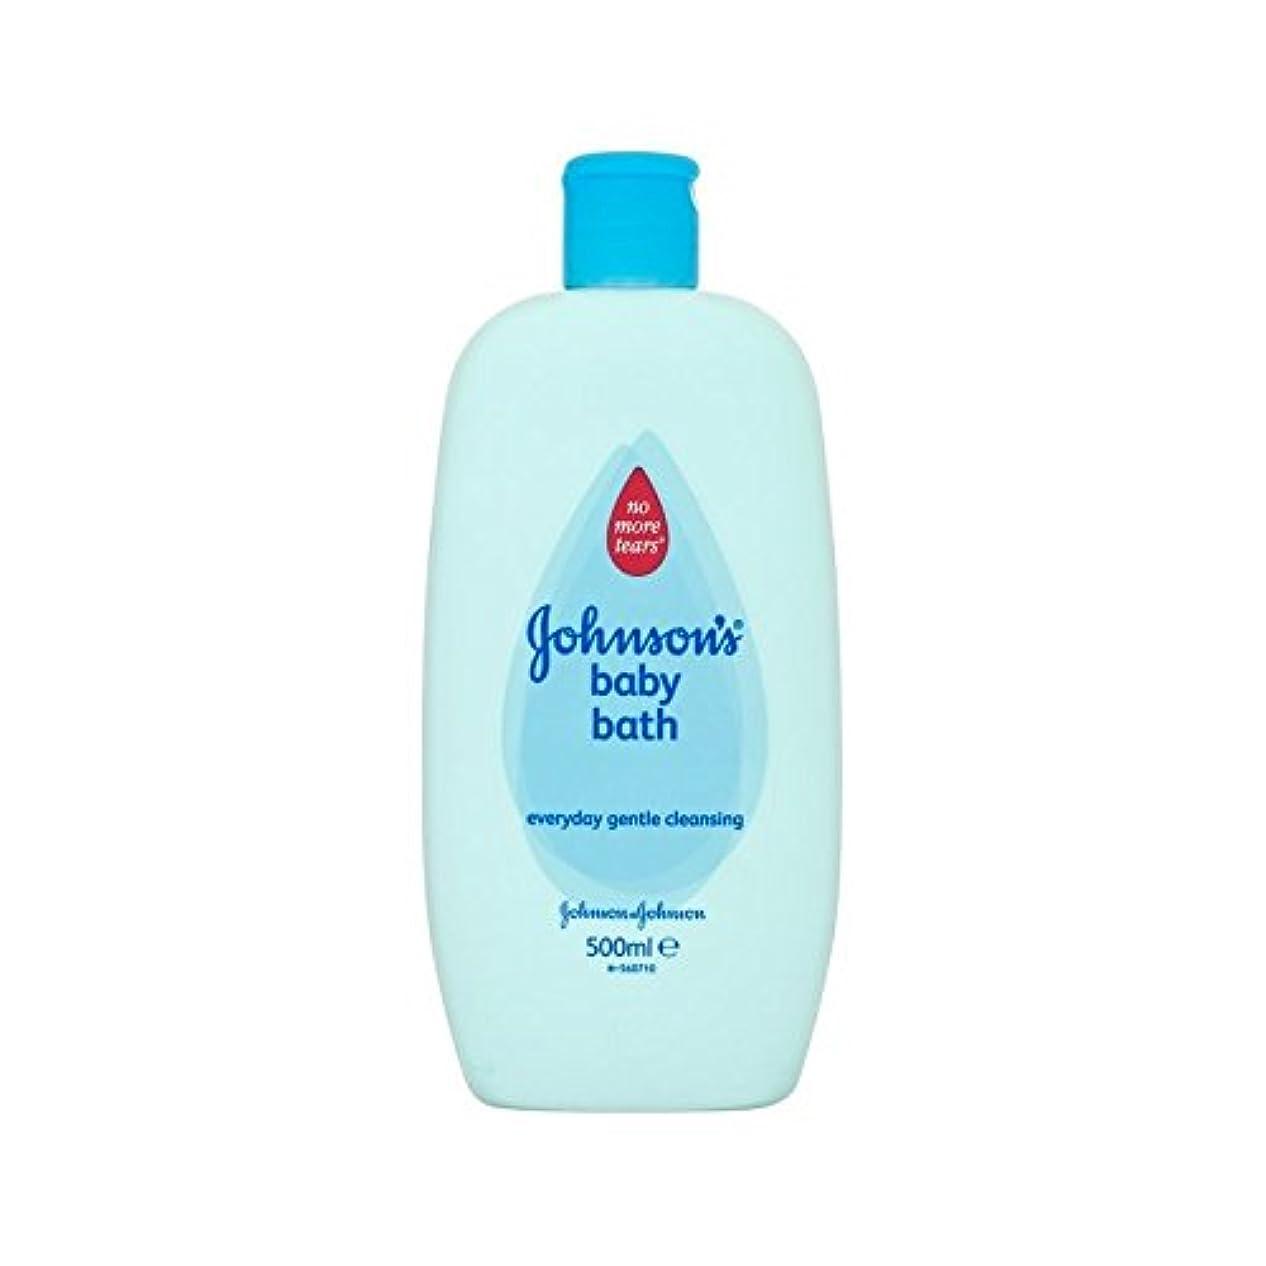 監査学習レビューバス500ミリリットル (Johnson's Baby) (x 2) - Johnson's Baby Bath 500ml (Pack of 2) [並行輸入品]